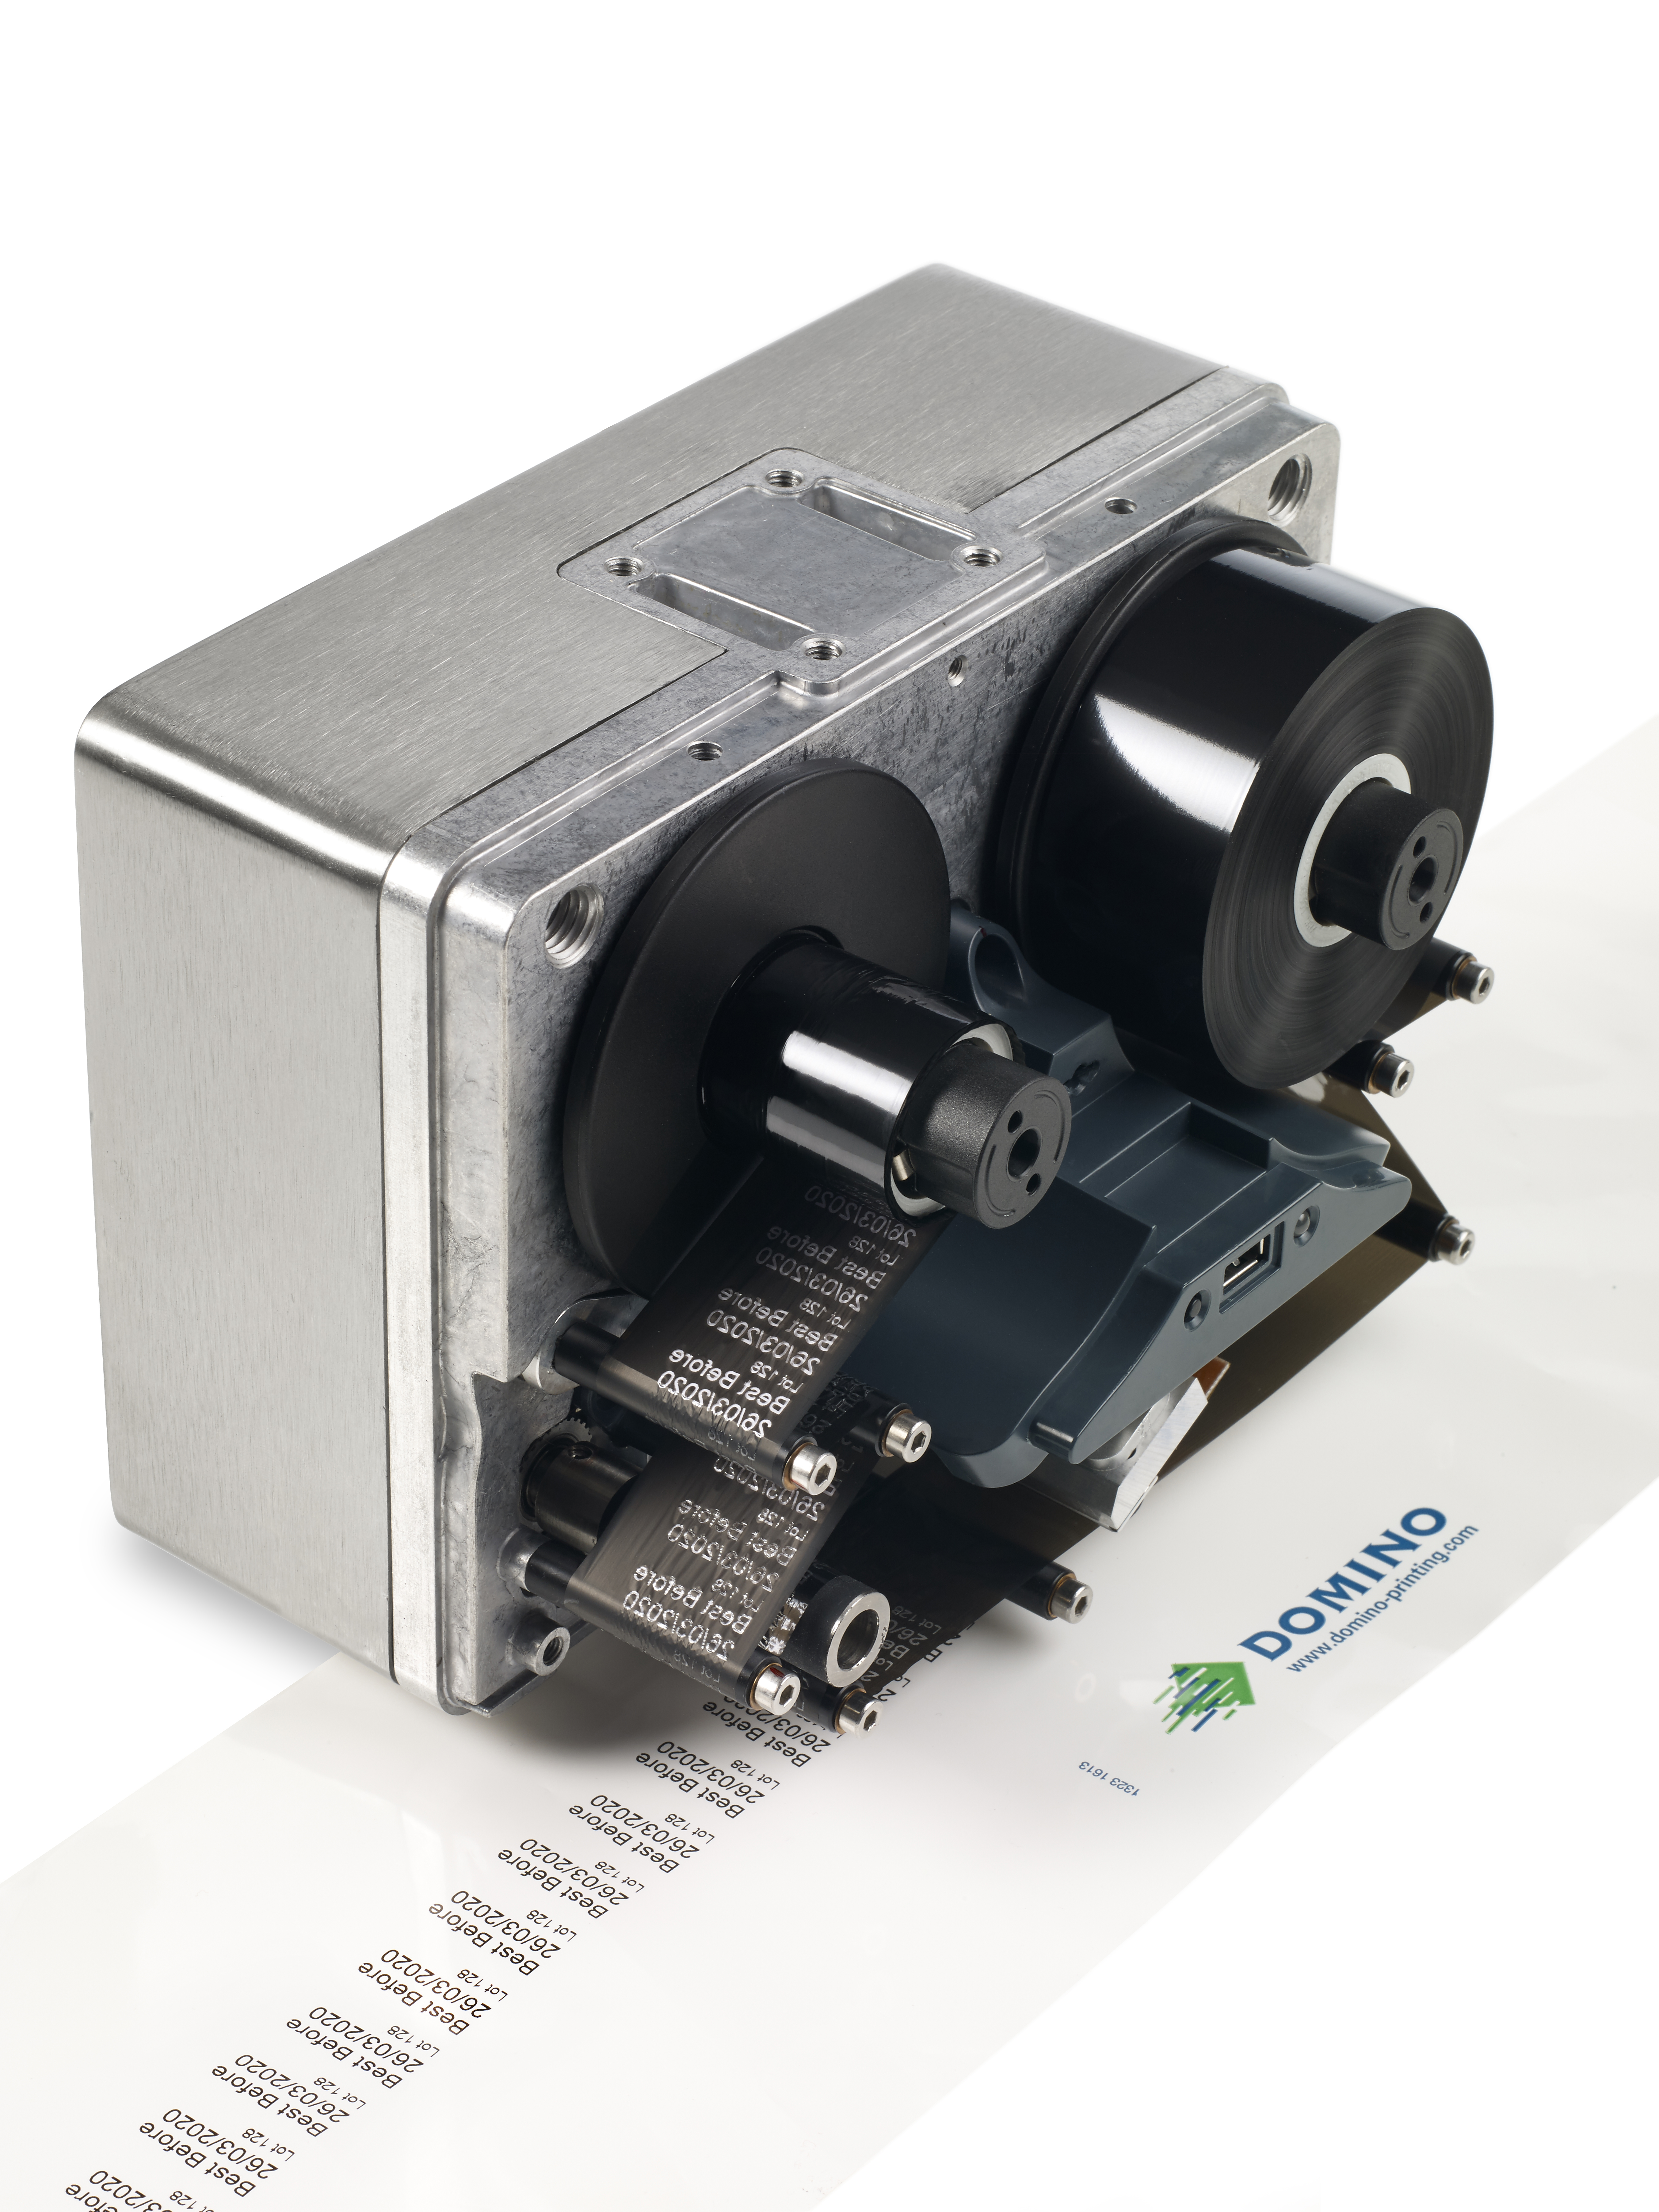 V 20i - Thermal Transfer Overprinter